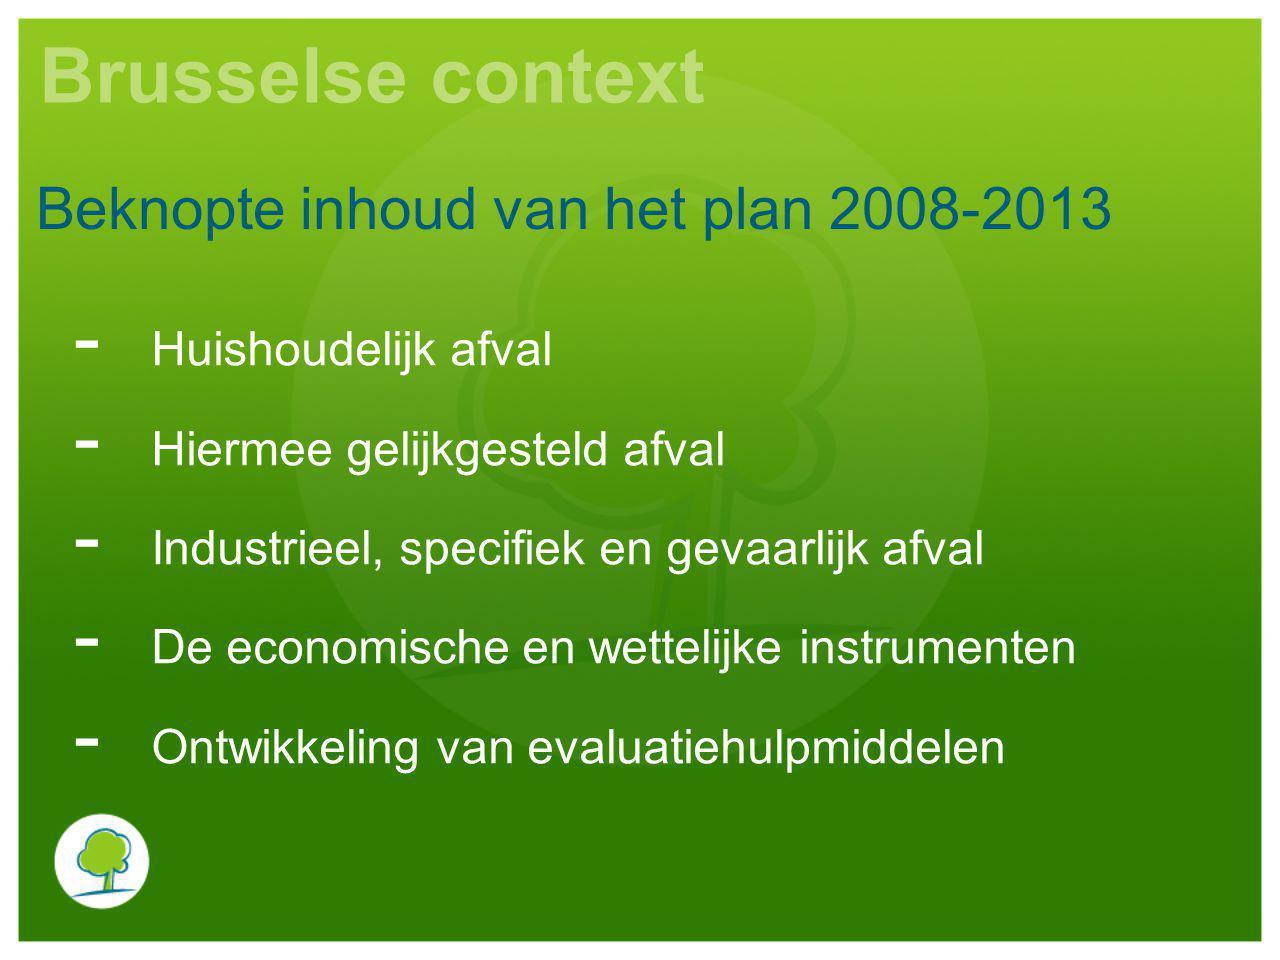 Brusselse context - Huishoudelijk afval - Hiermee gelijkgesteld afval - Industrieel, specifiek en gevaarlijk afval - De economische en wettelijke inst